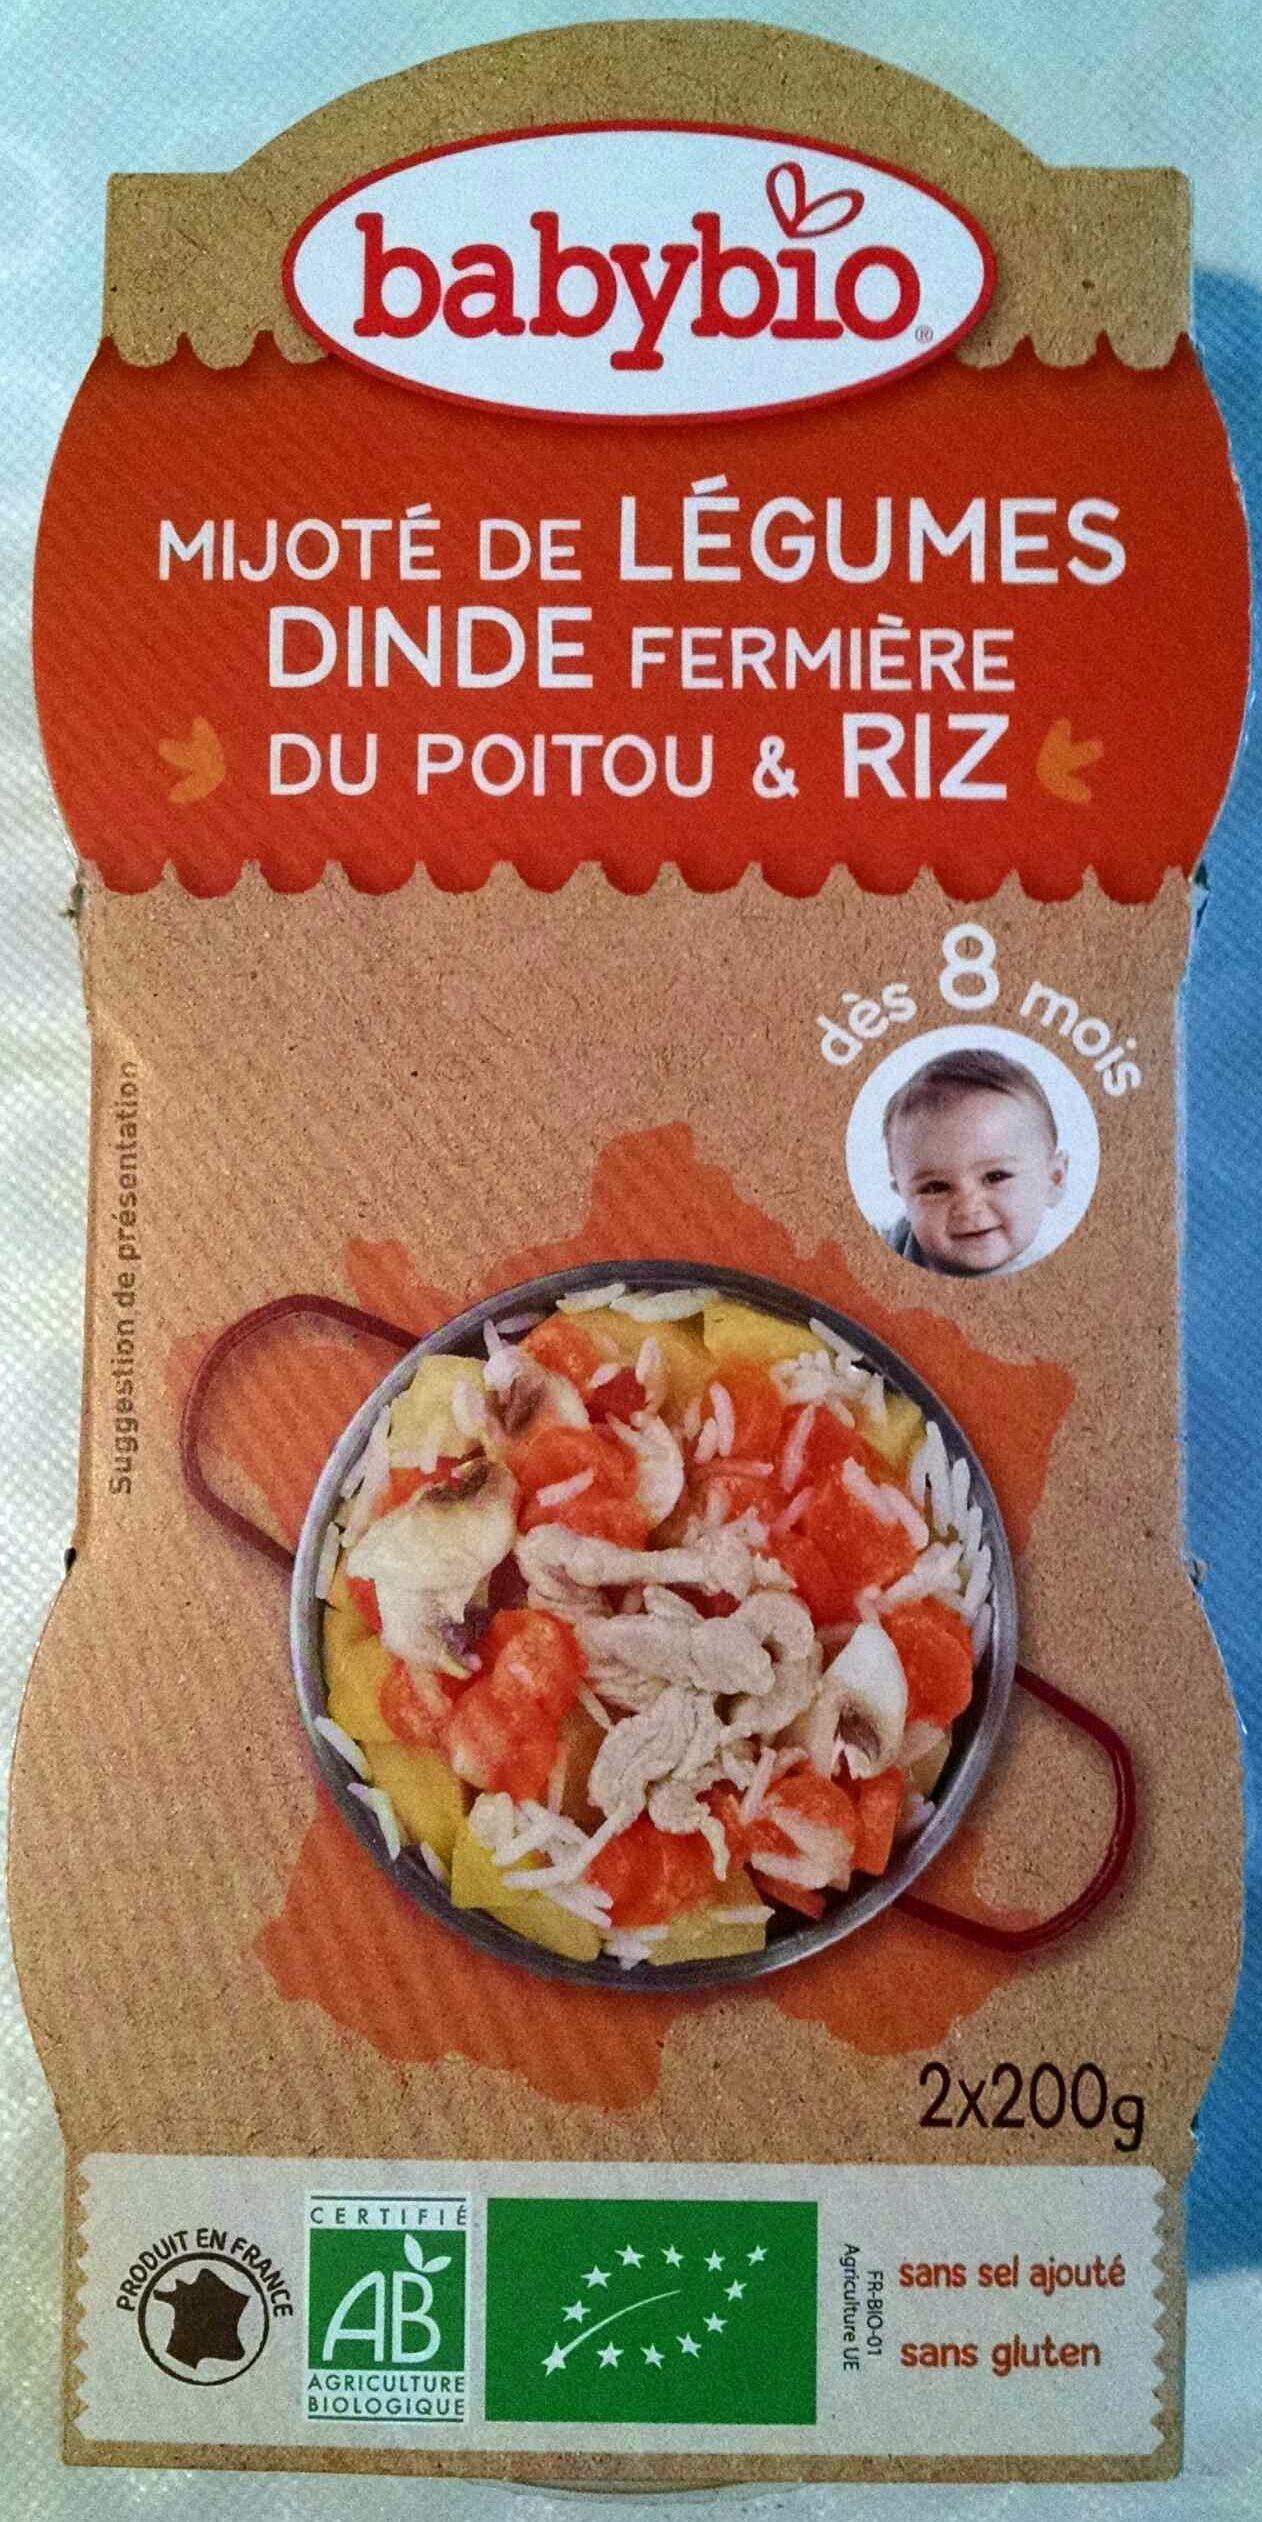 Mijoté de légumes, dinde et riz 8 mois - Product - fr